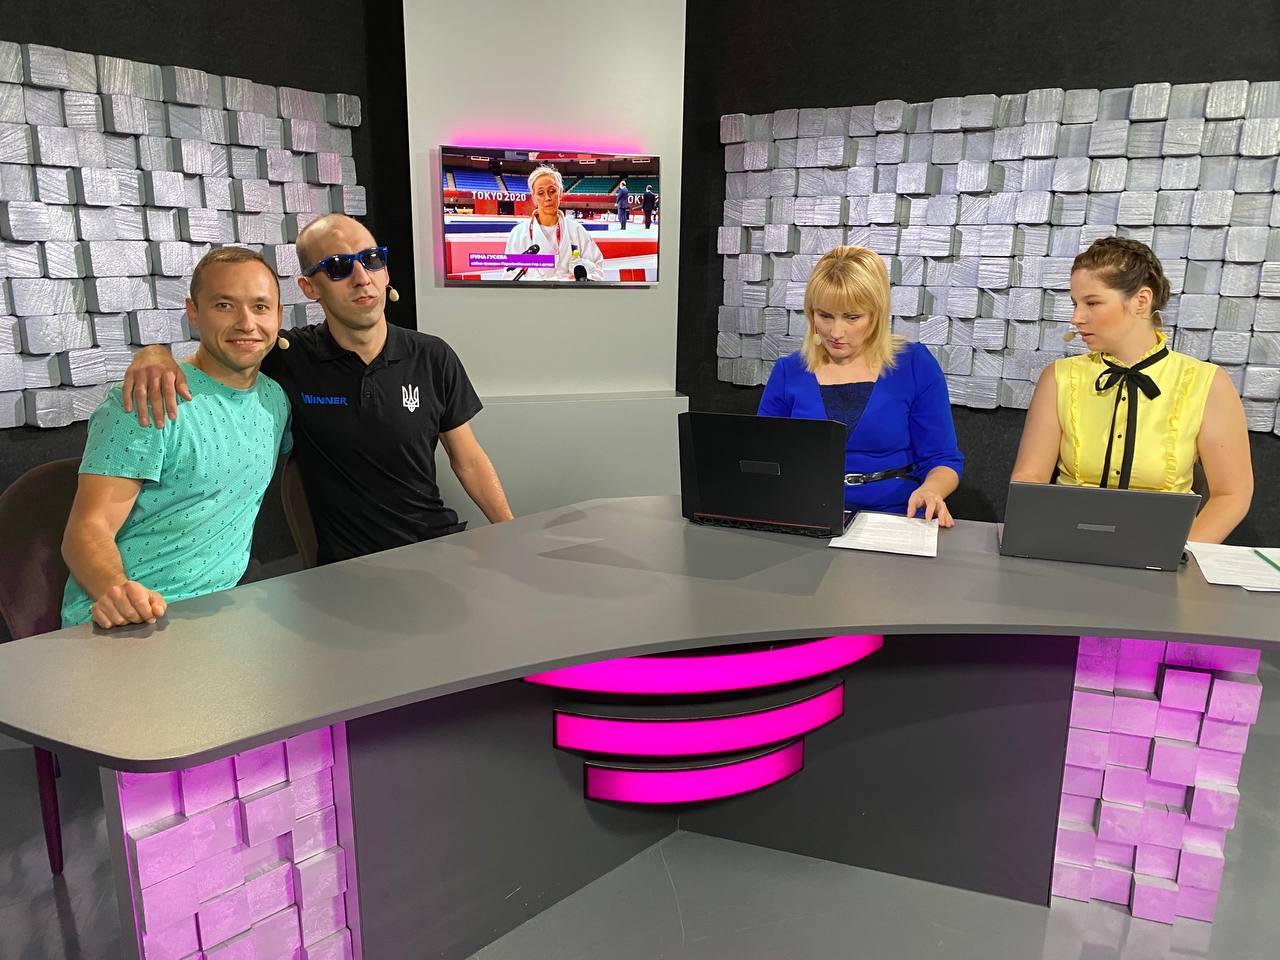 Закревський та Коробенко – гості студії Equalympic.TV